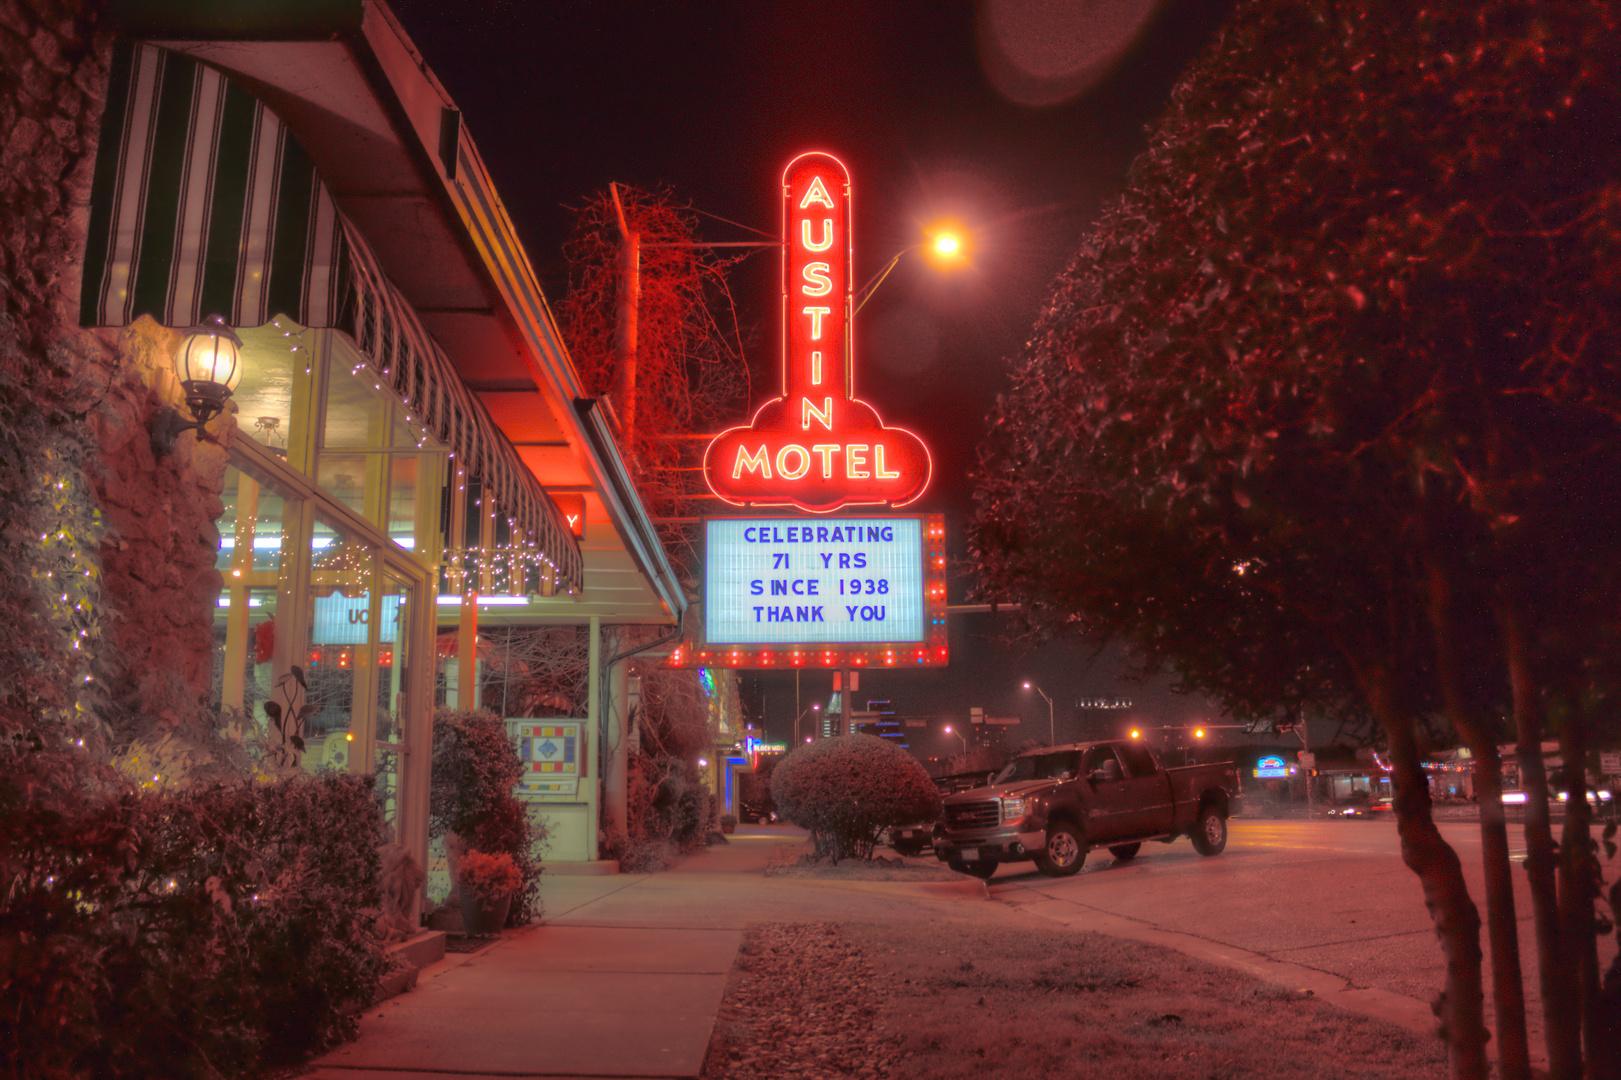 Austin Motel, Austin, Texas, USA